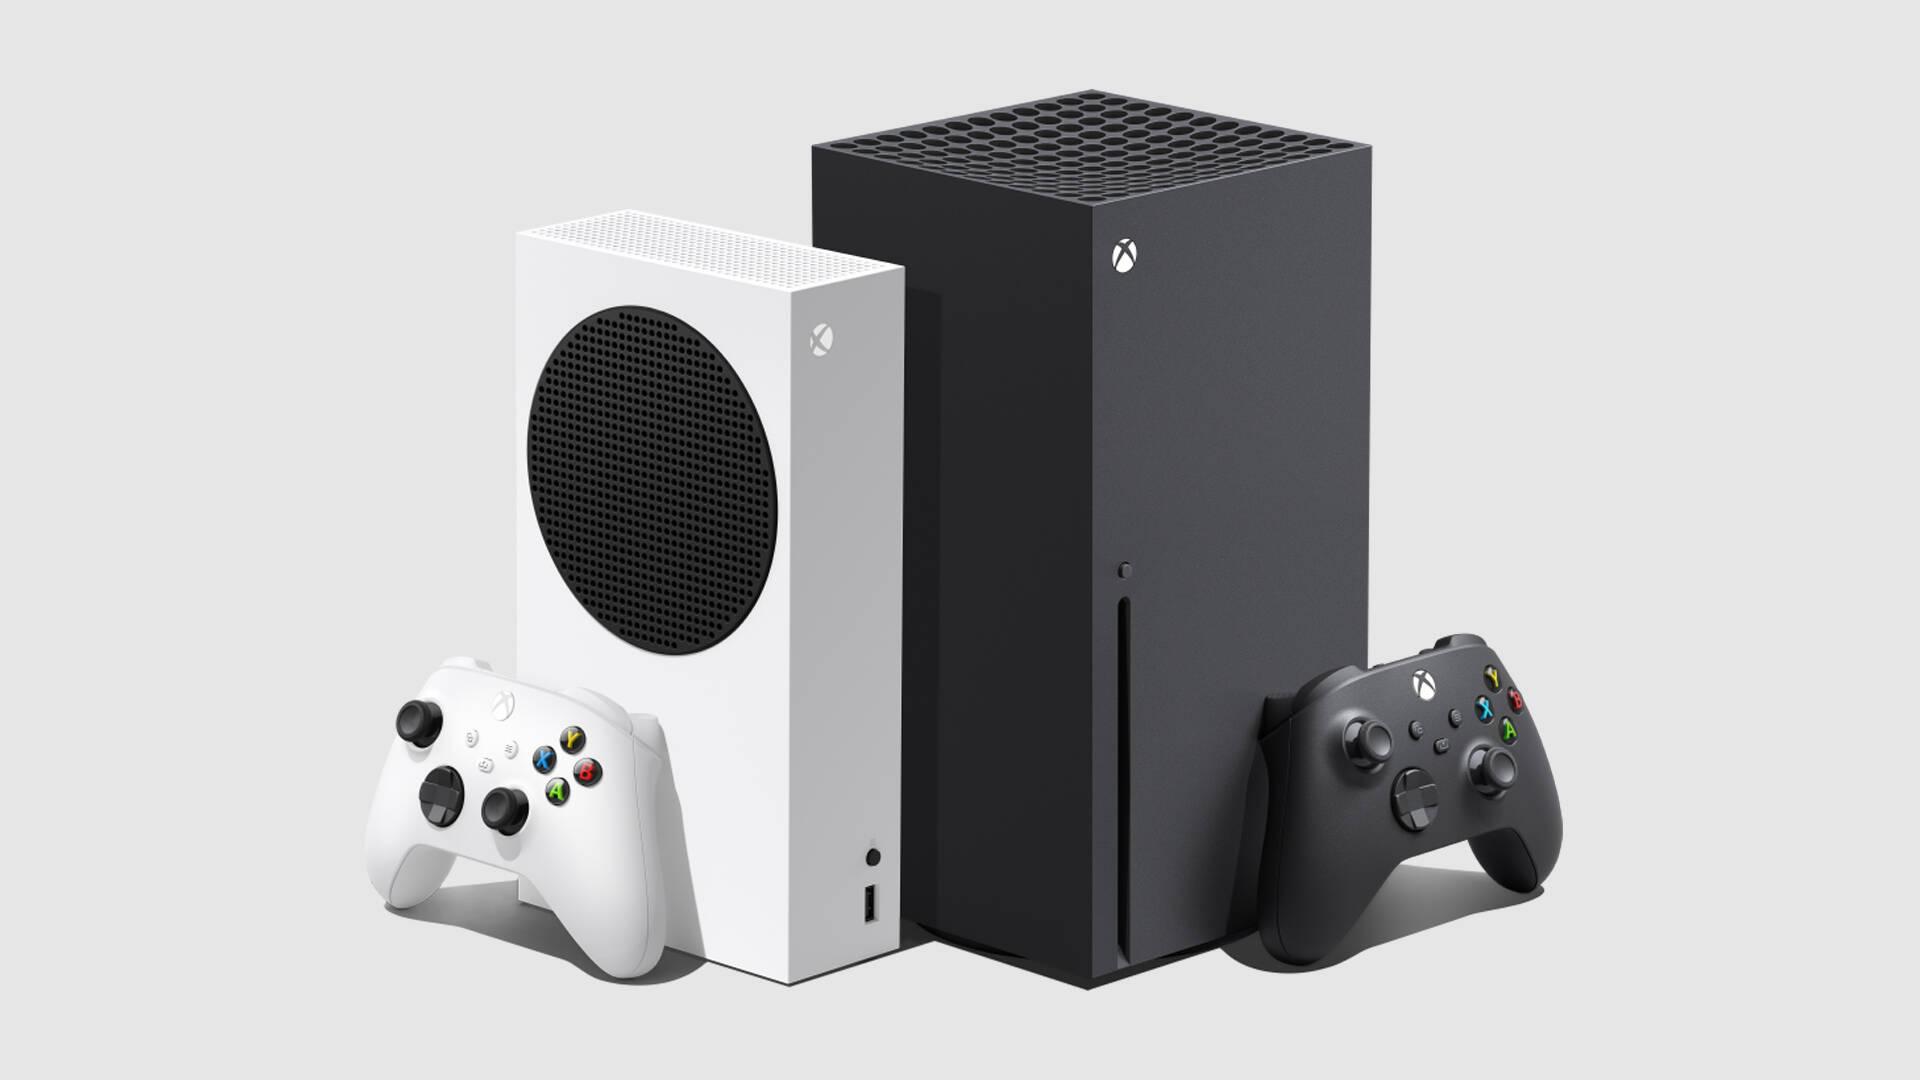 Xbox Series X / S